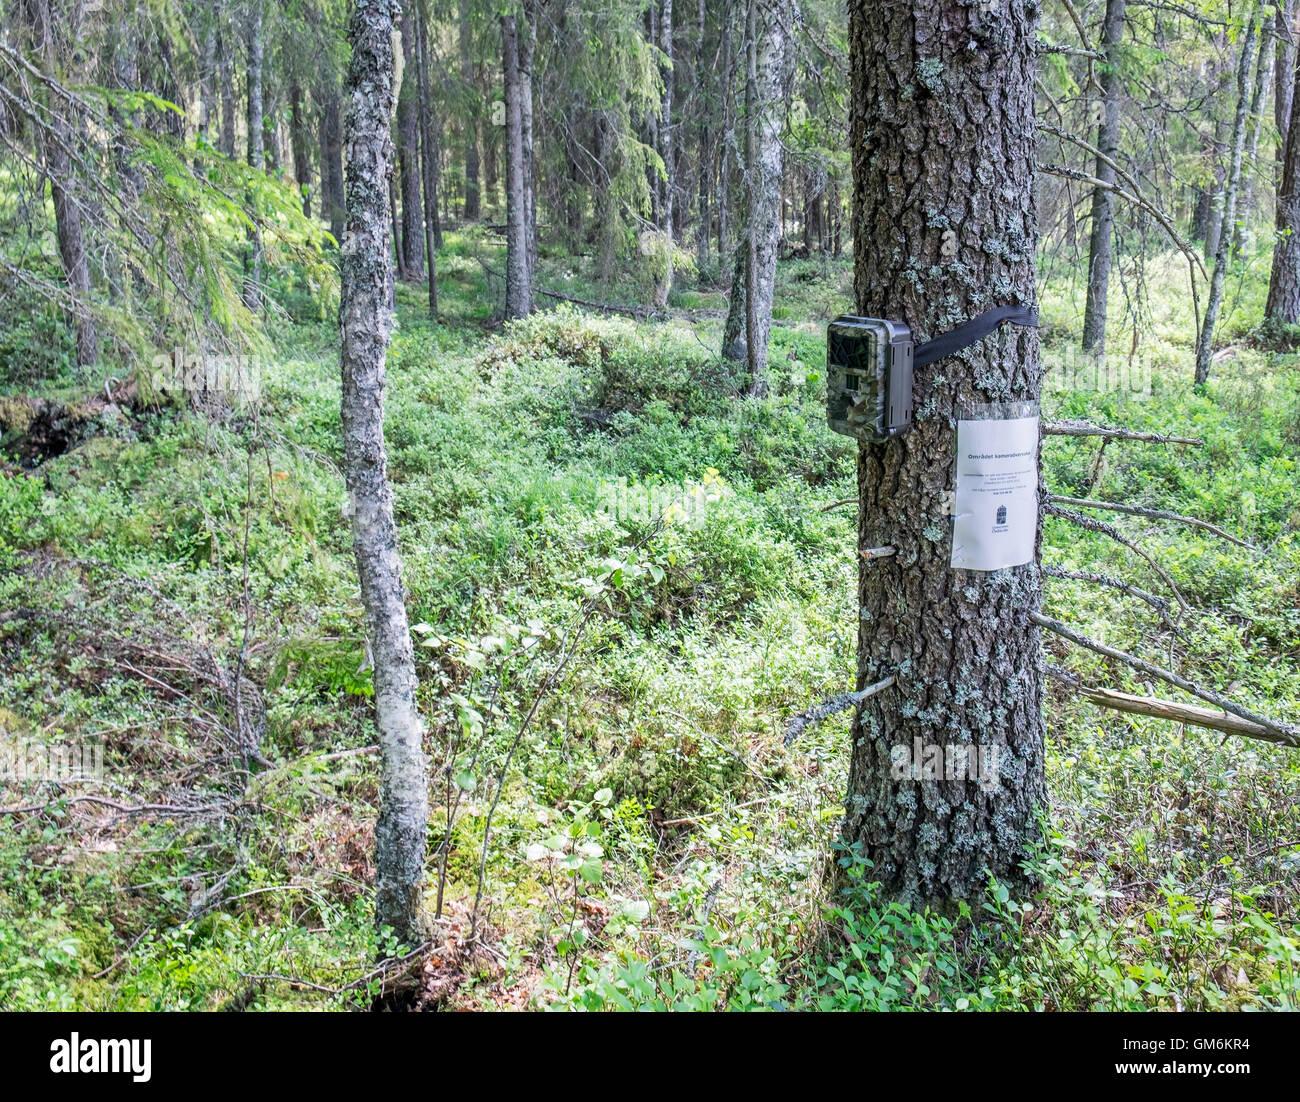 Wildlife surveillance camera, Sweden Stock Photo